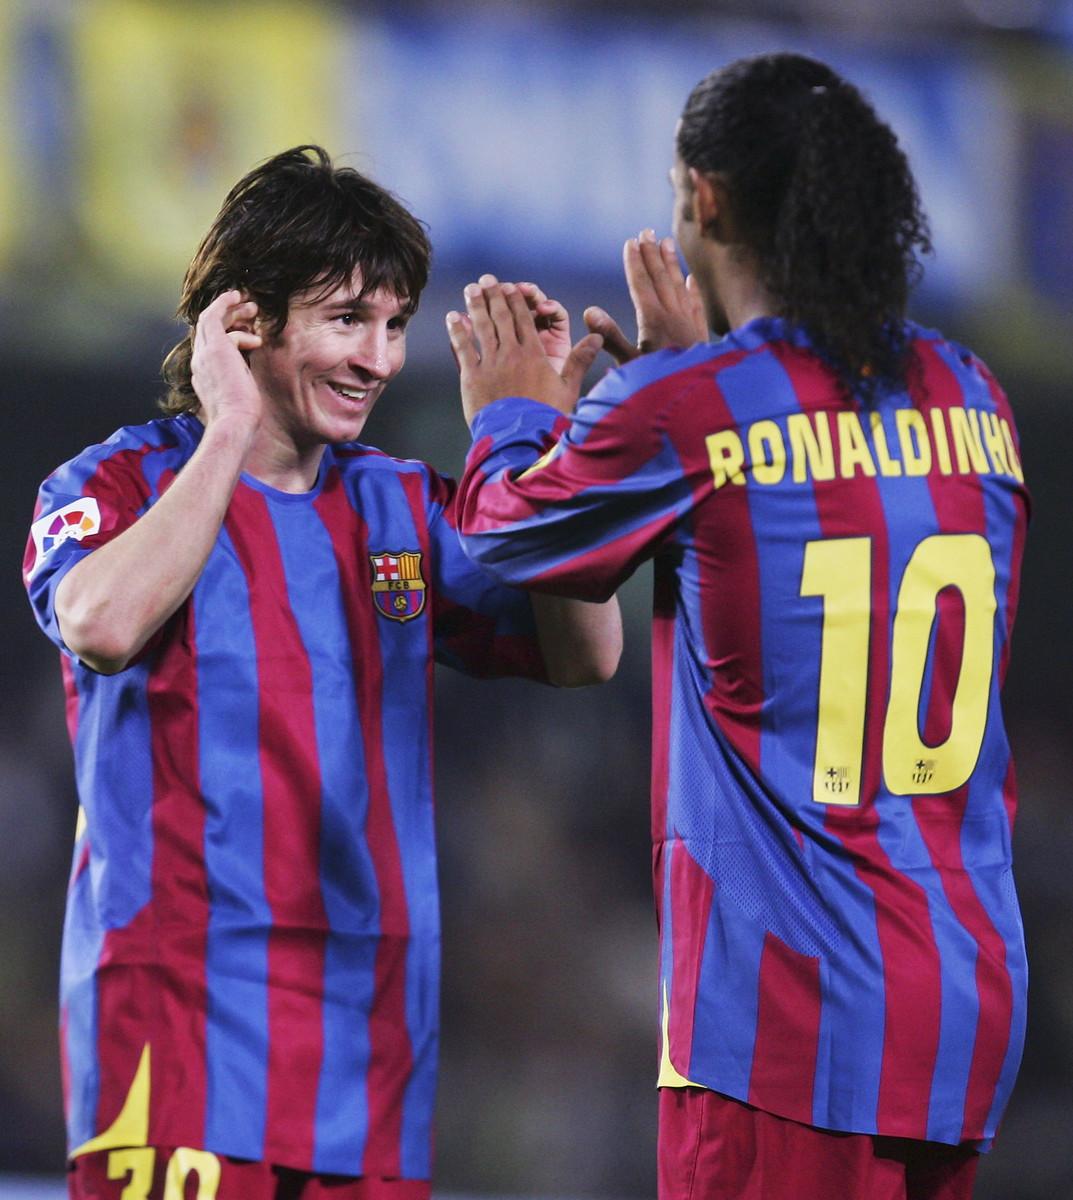 Ronaldinho (2004-2008)